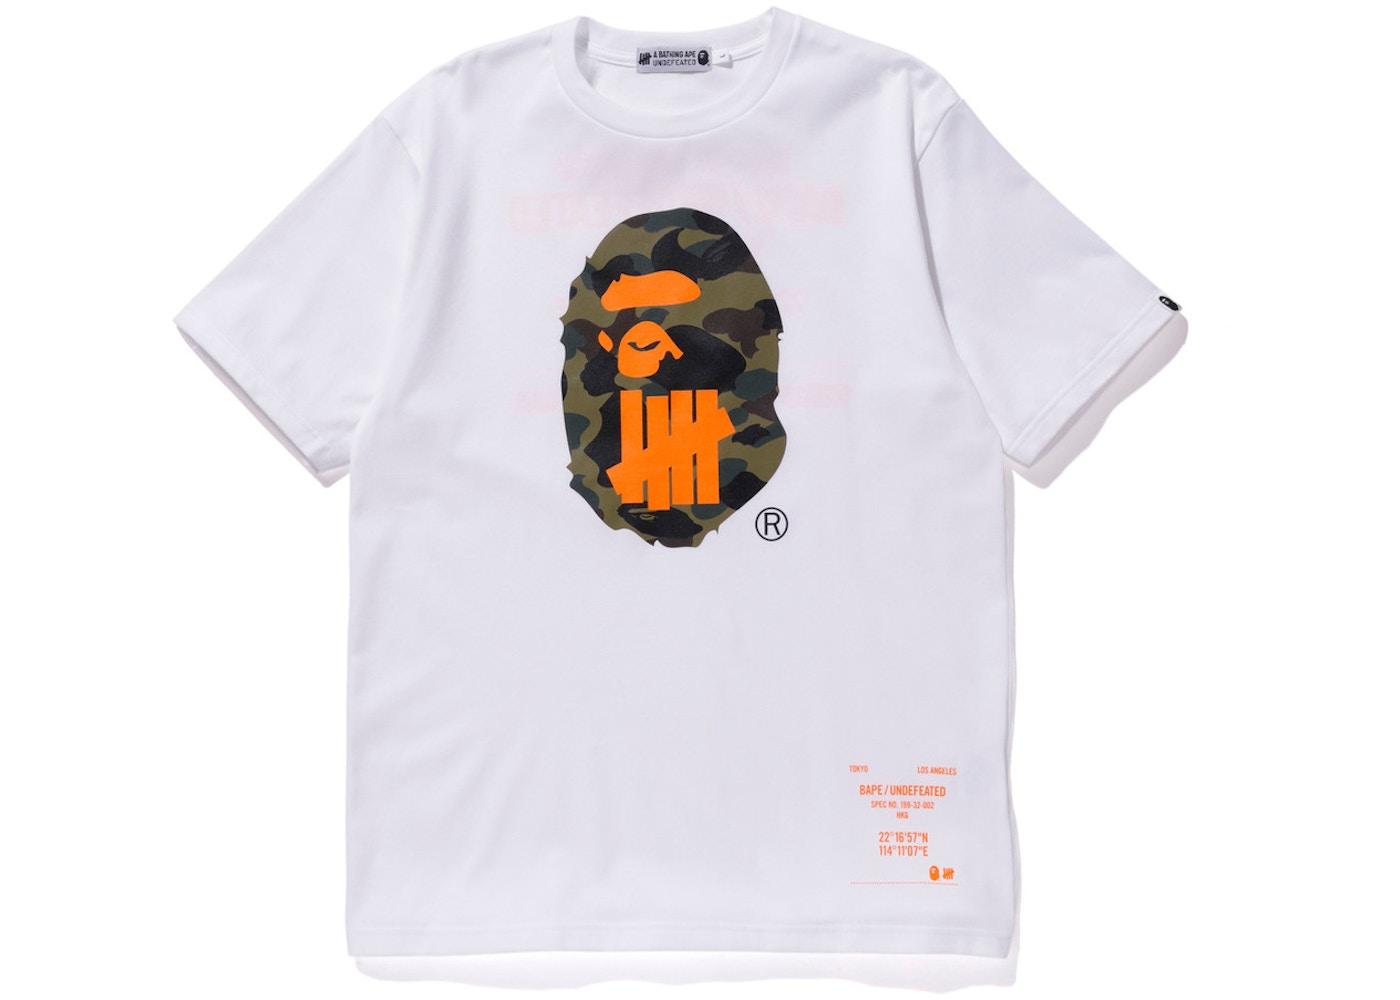 ccc1bc7f Streetwear - Bape T-Shirts - Highest Bid